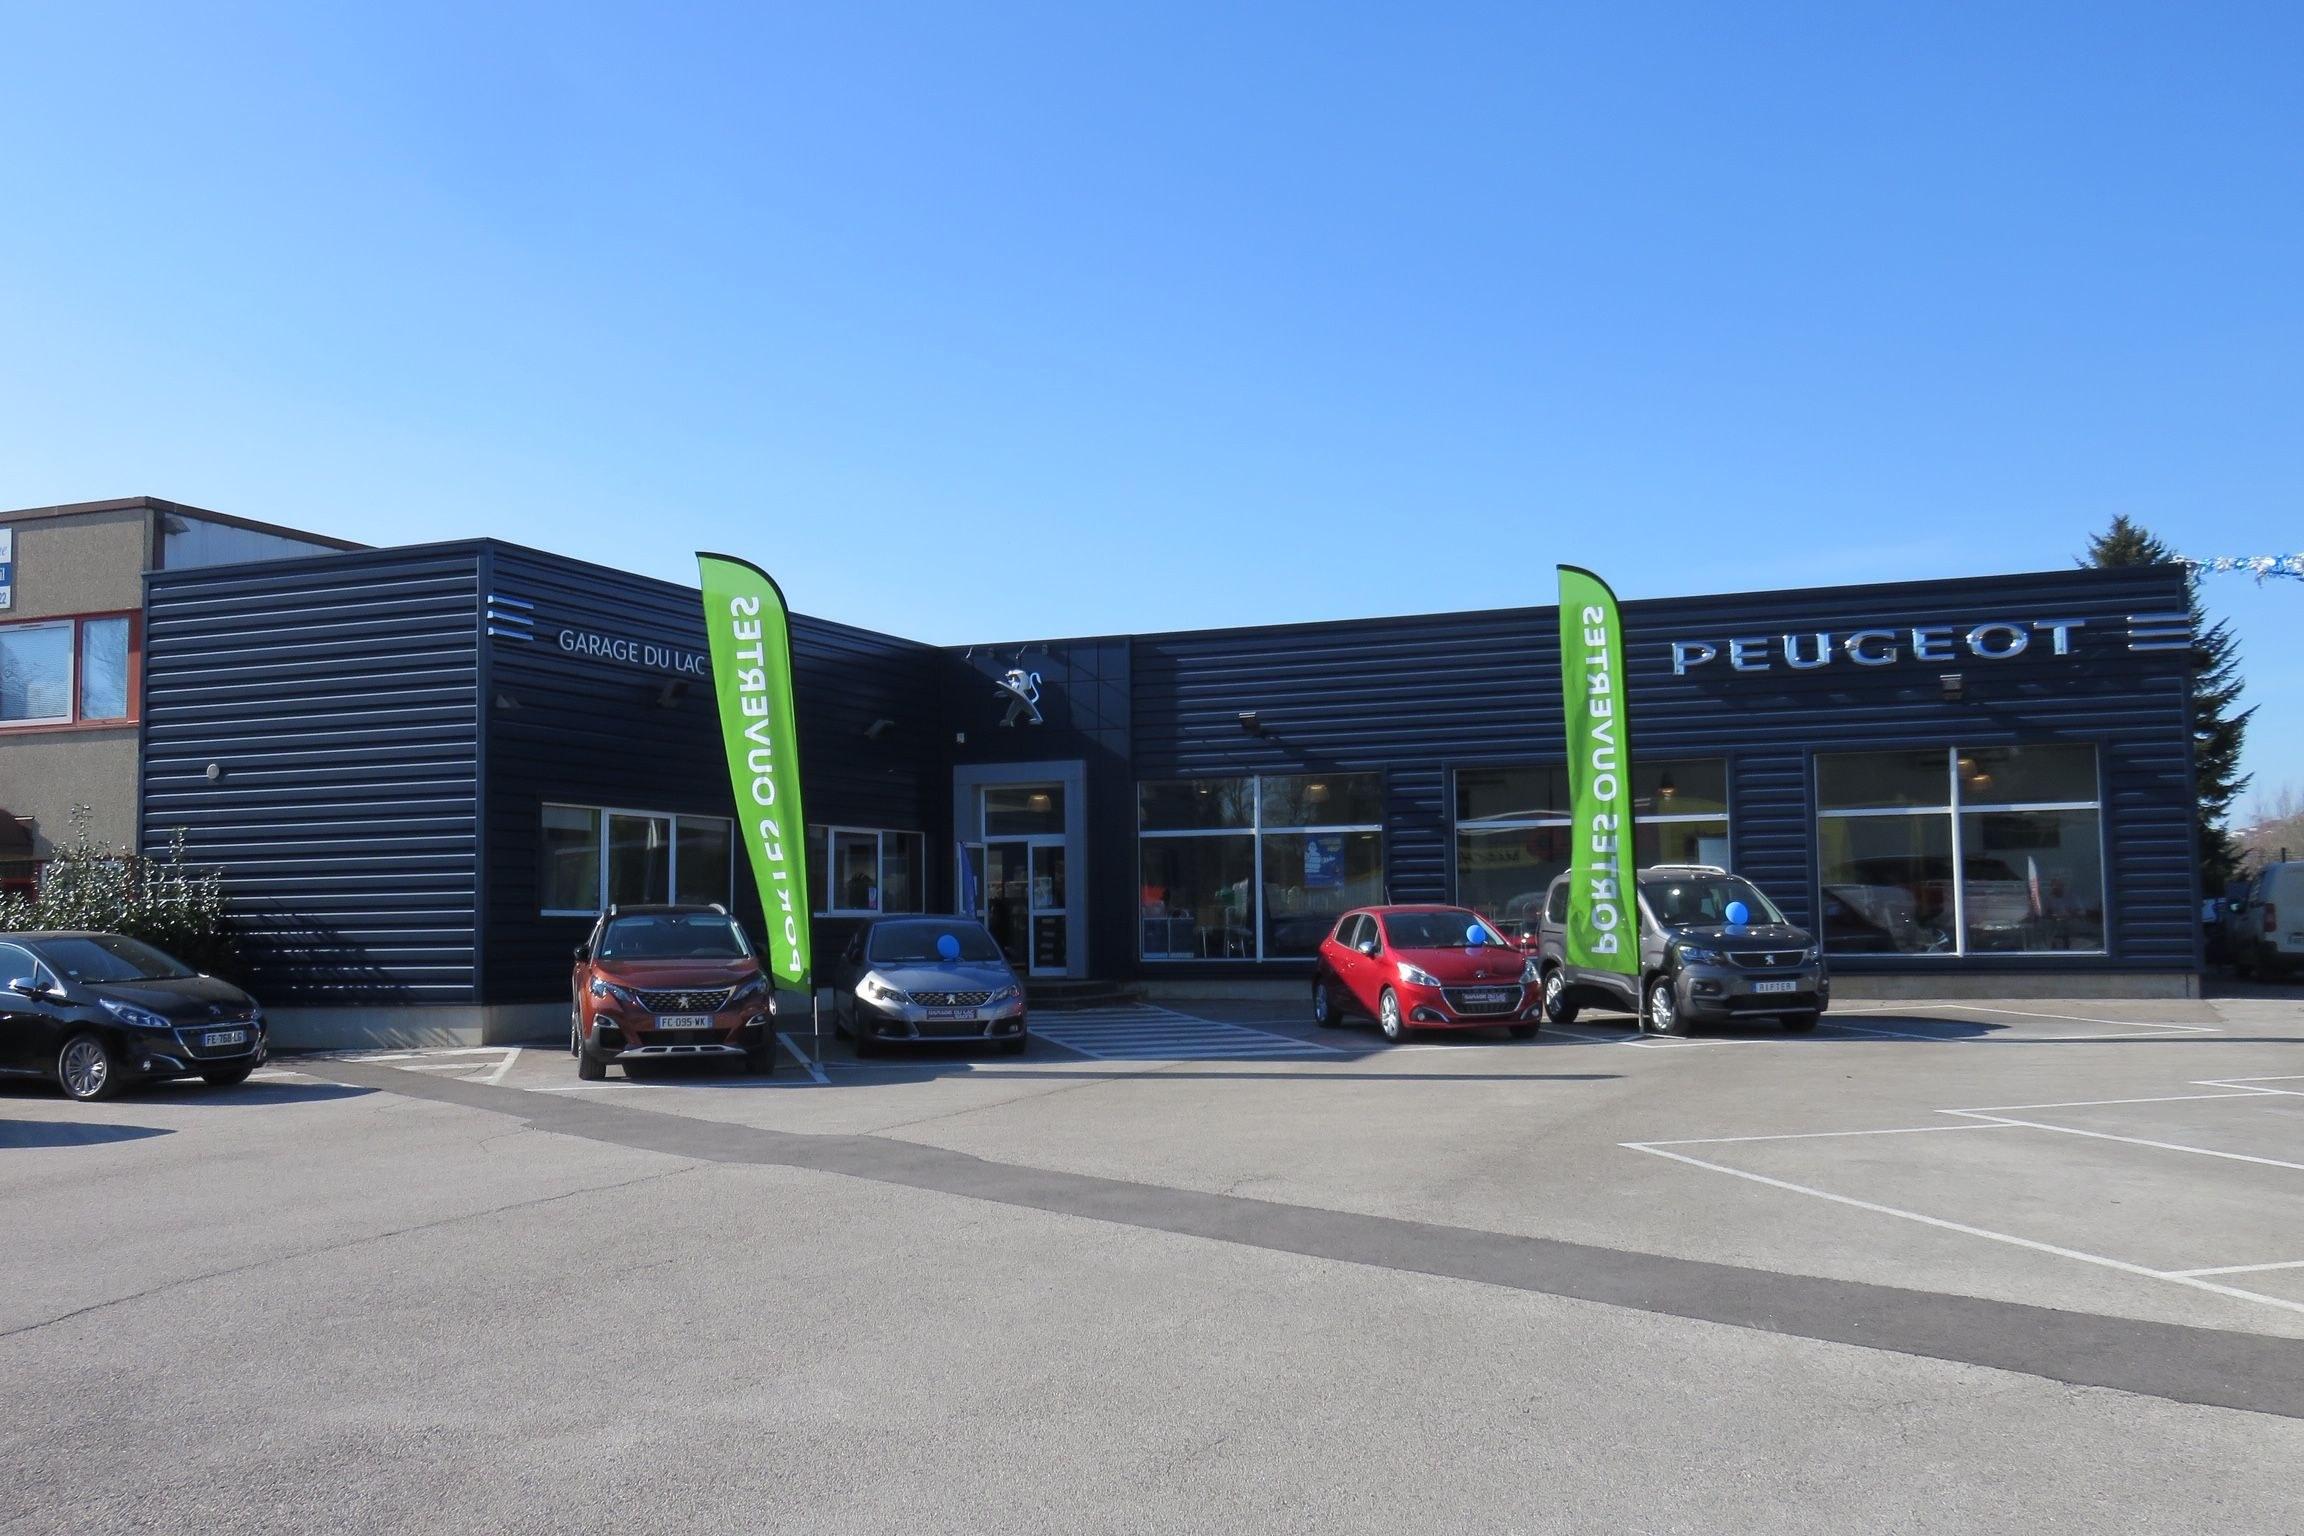 Vente de voitures neuves Peugeot